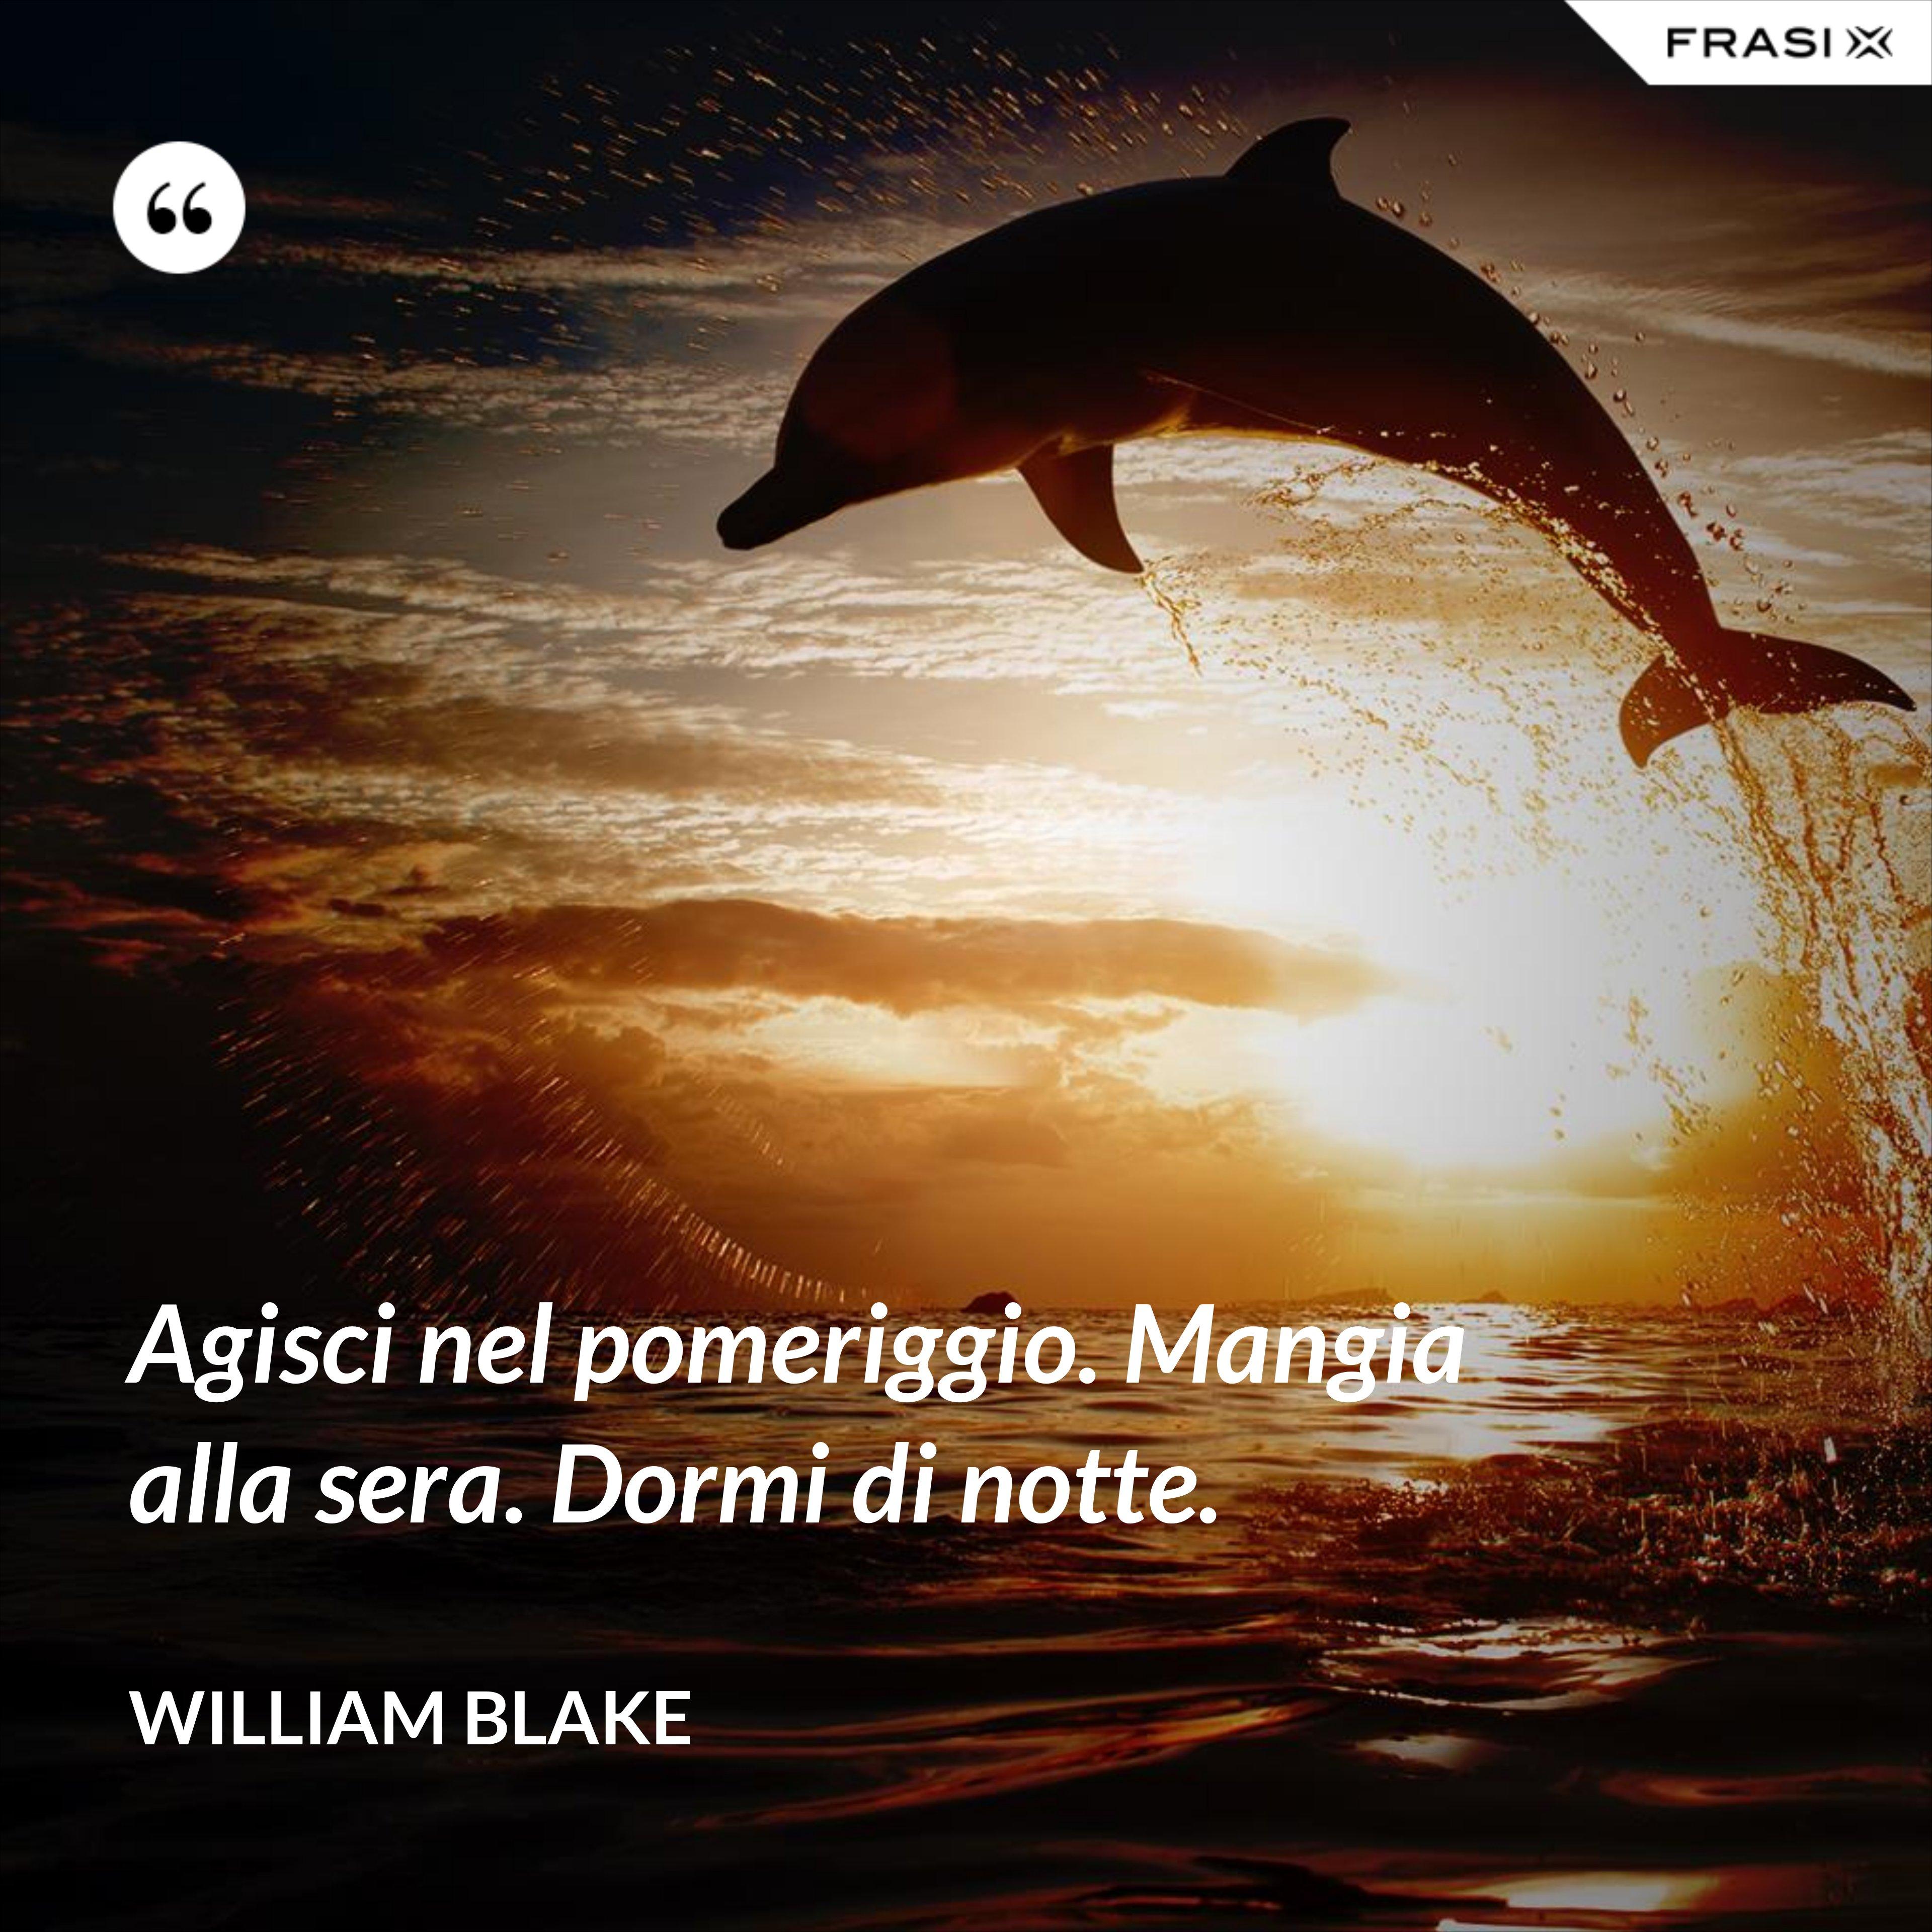 Agisci nel pomeriggio. Mangia alla sera. Dormi di notte. - William Blake